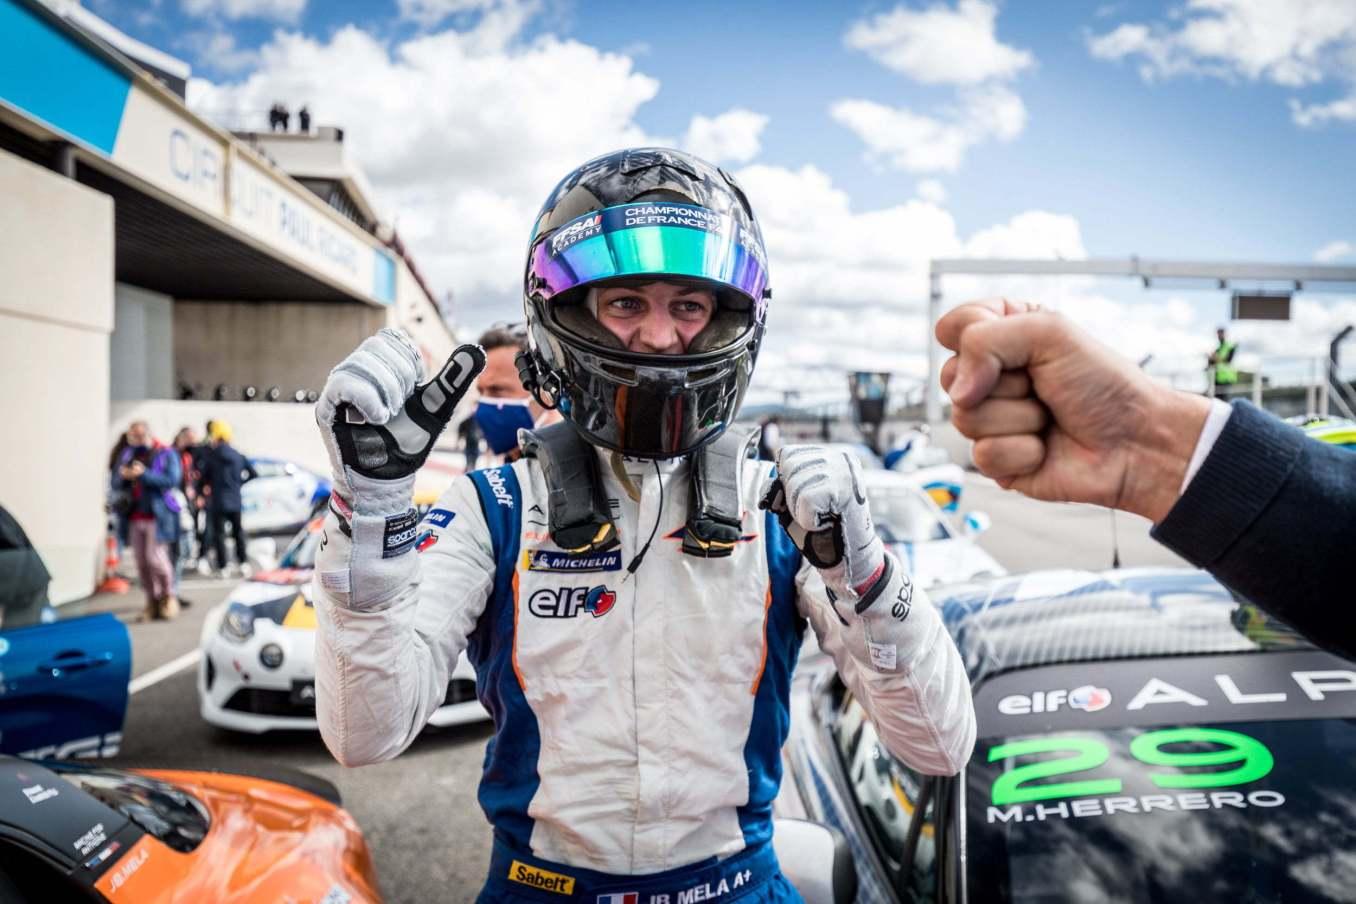 Autosport GP Jean Baptiste Mela Paul Ricard 2020 | Alpine Elf Europa Cup 2020 : L'équipe Autosport GP assurée du titre !